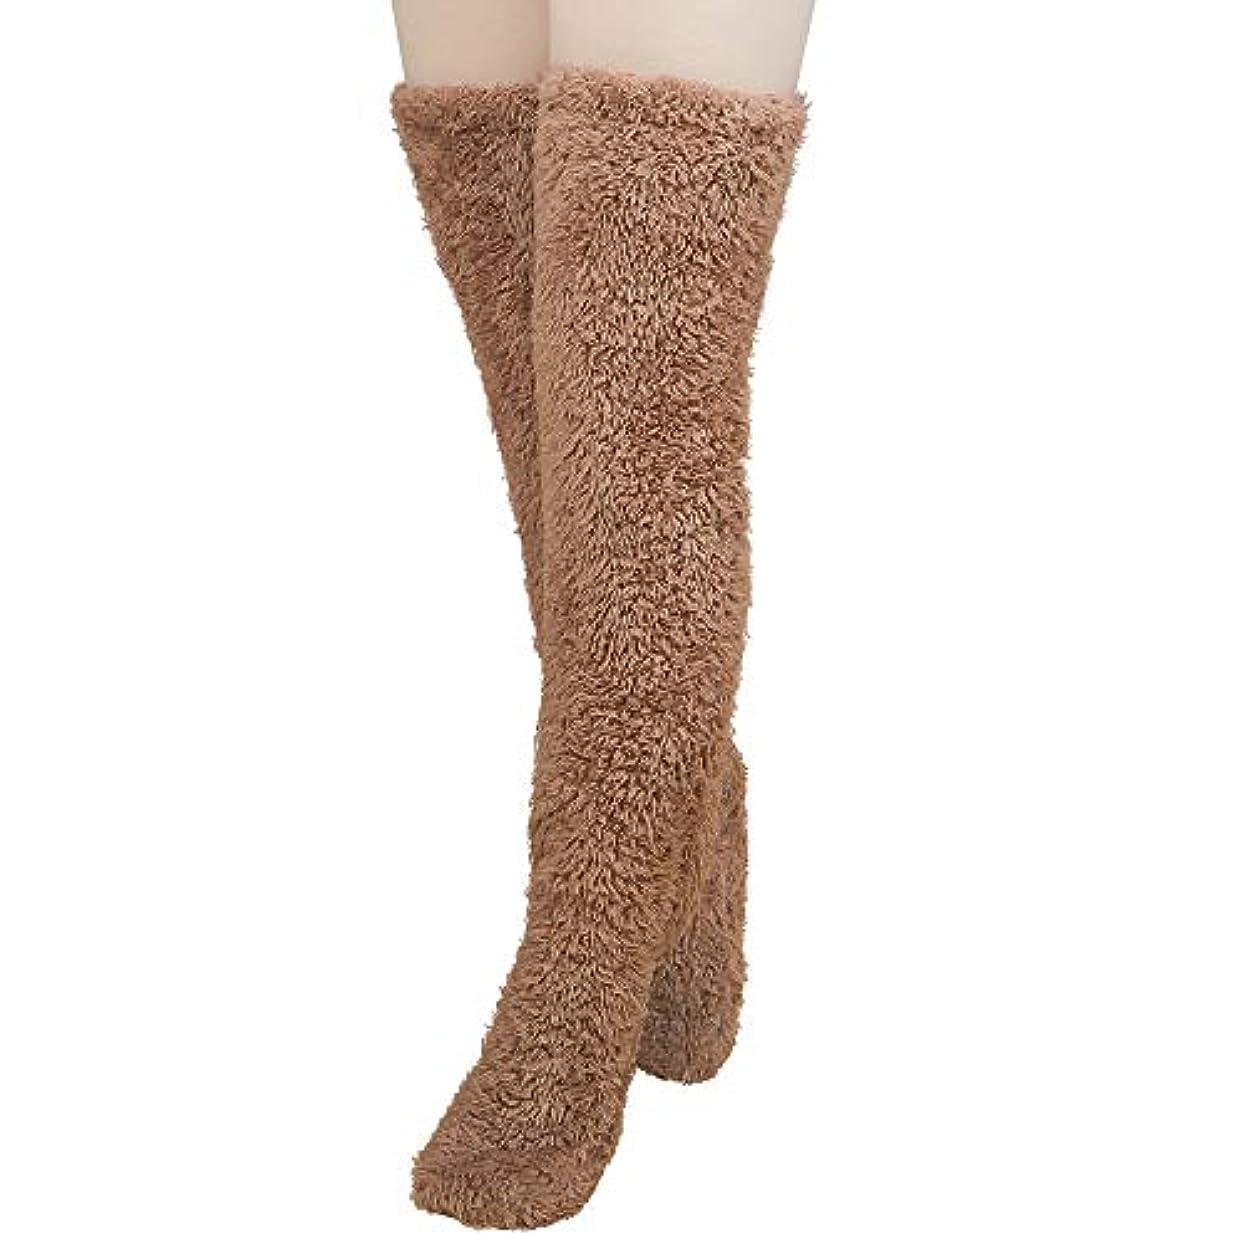 説明まで受粉するMiuko 足が出せるロングカバー 極暖 レッグウォーマー ふわふわ靴下 ロングソックス 冷えとり靴下 毛布ソックス 冷え対策 防寒ソックス あったか 超厚手 男女兼用